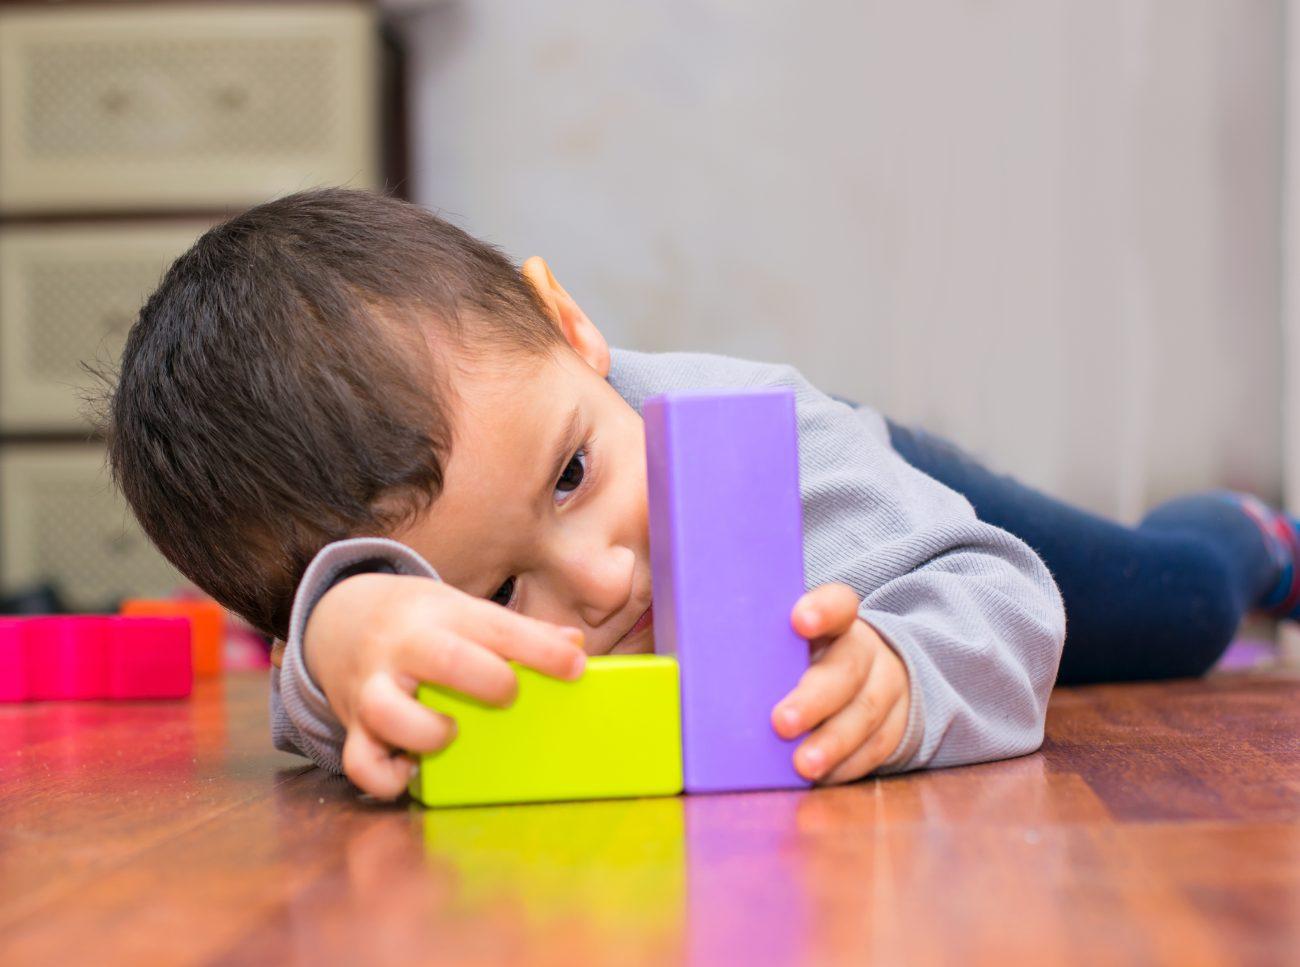 sinais de autismo em bebê